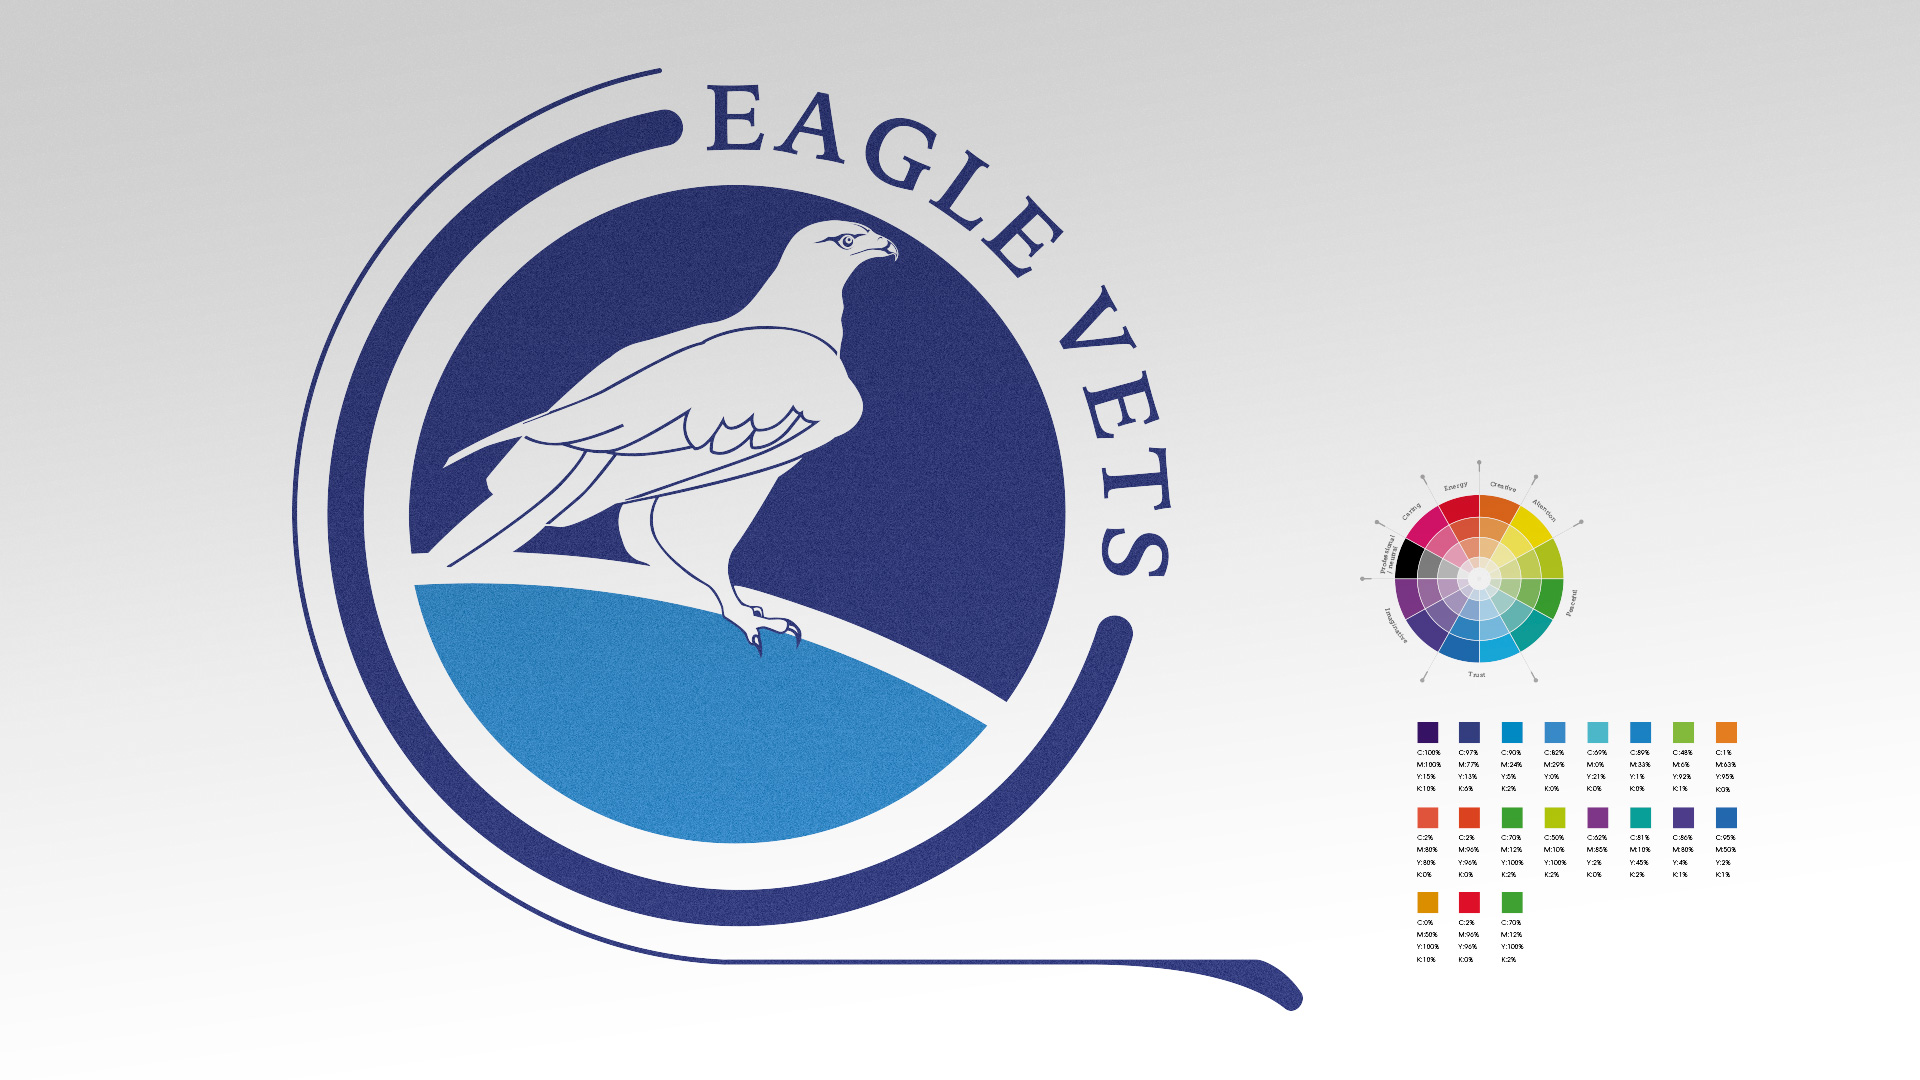 Eagle_vets1